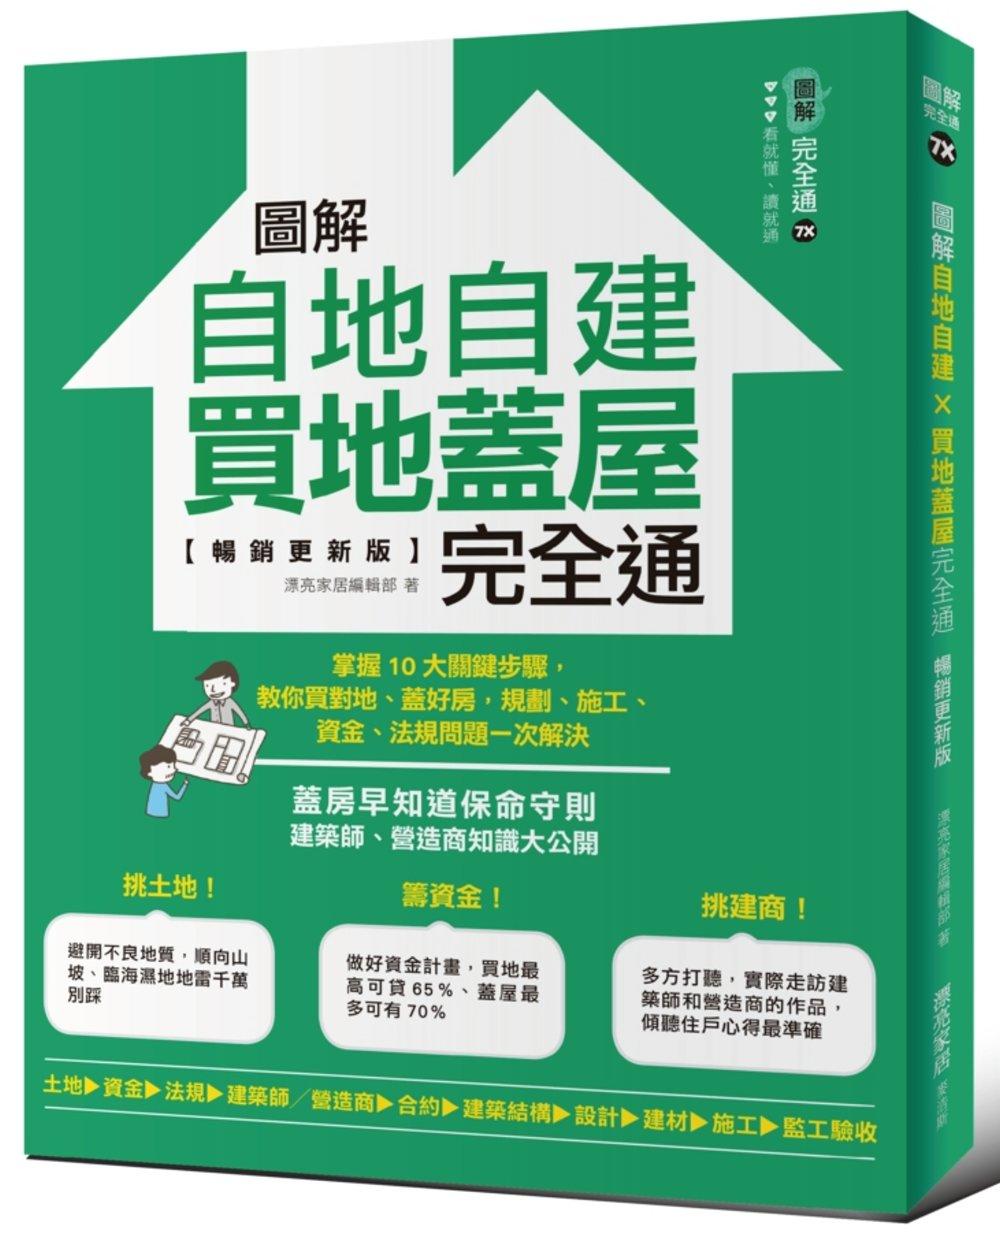 圖解自地自建×買地蓋屋完全通【暢銷更新版】:掌握10大關鍵步驟,教你買對地、蓋好房,規劃、施工、資金、法規問題一次解決